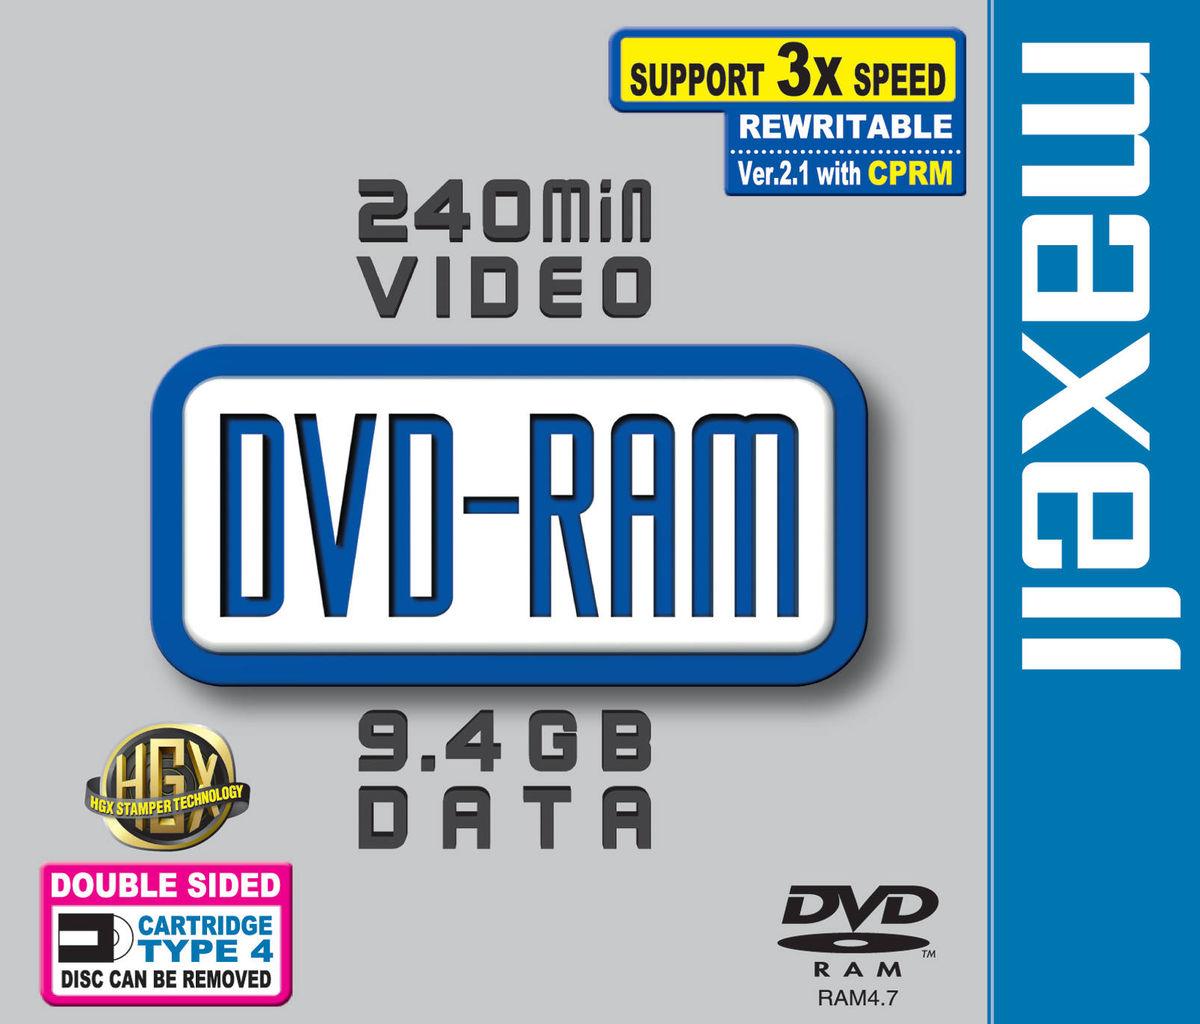 dvd ram 9 4 go